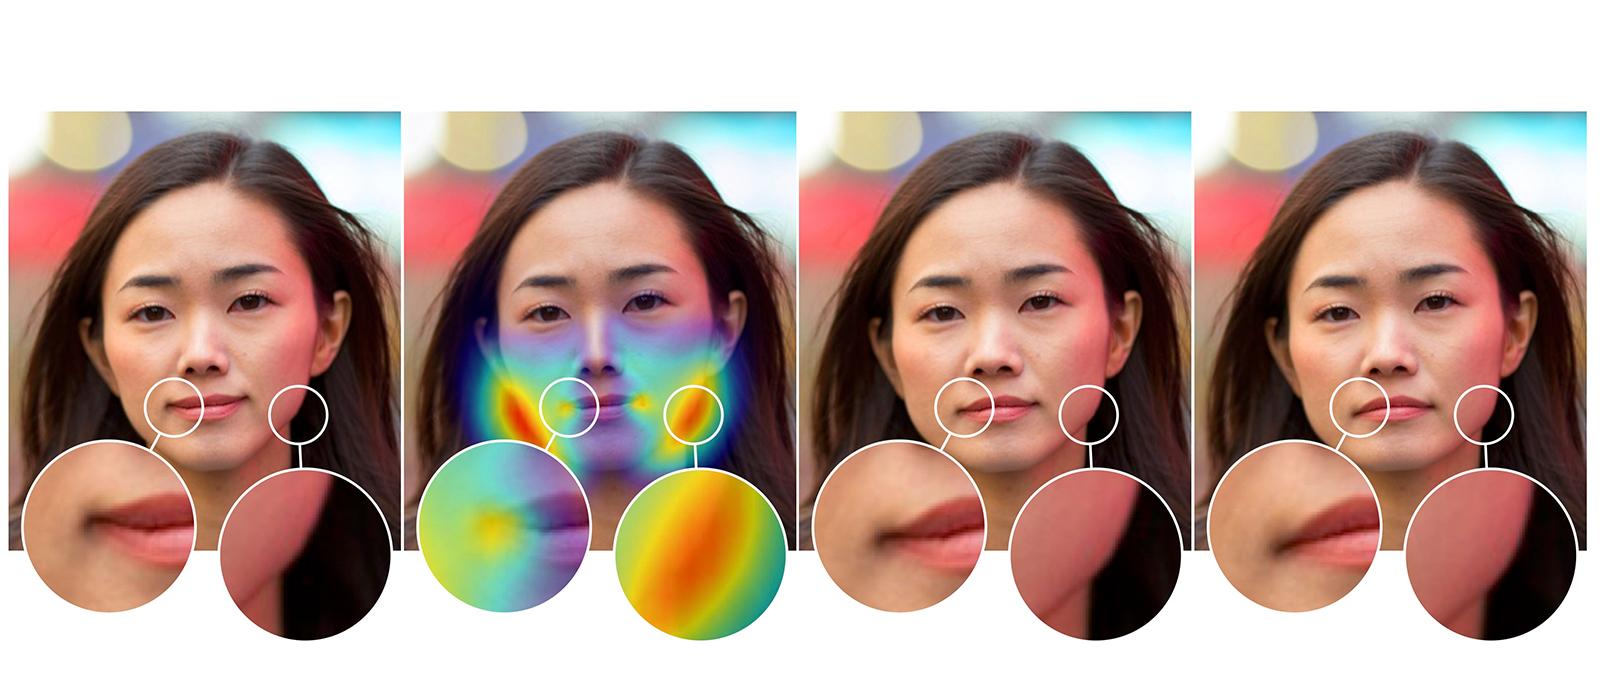 adobe photoshop image forensics